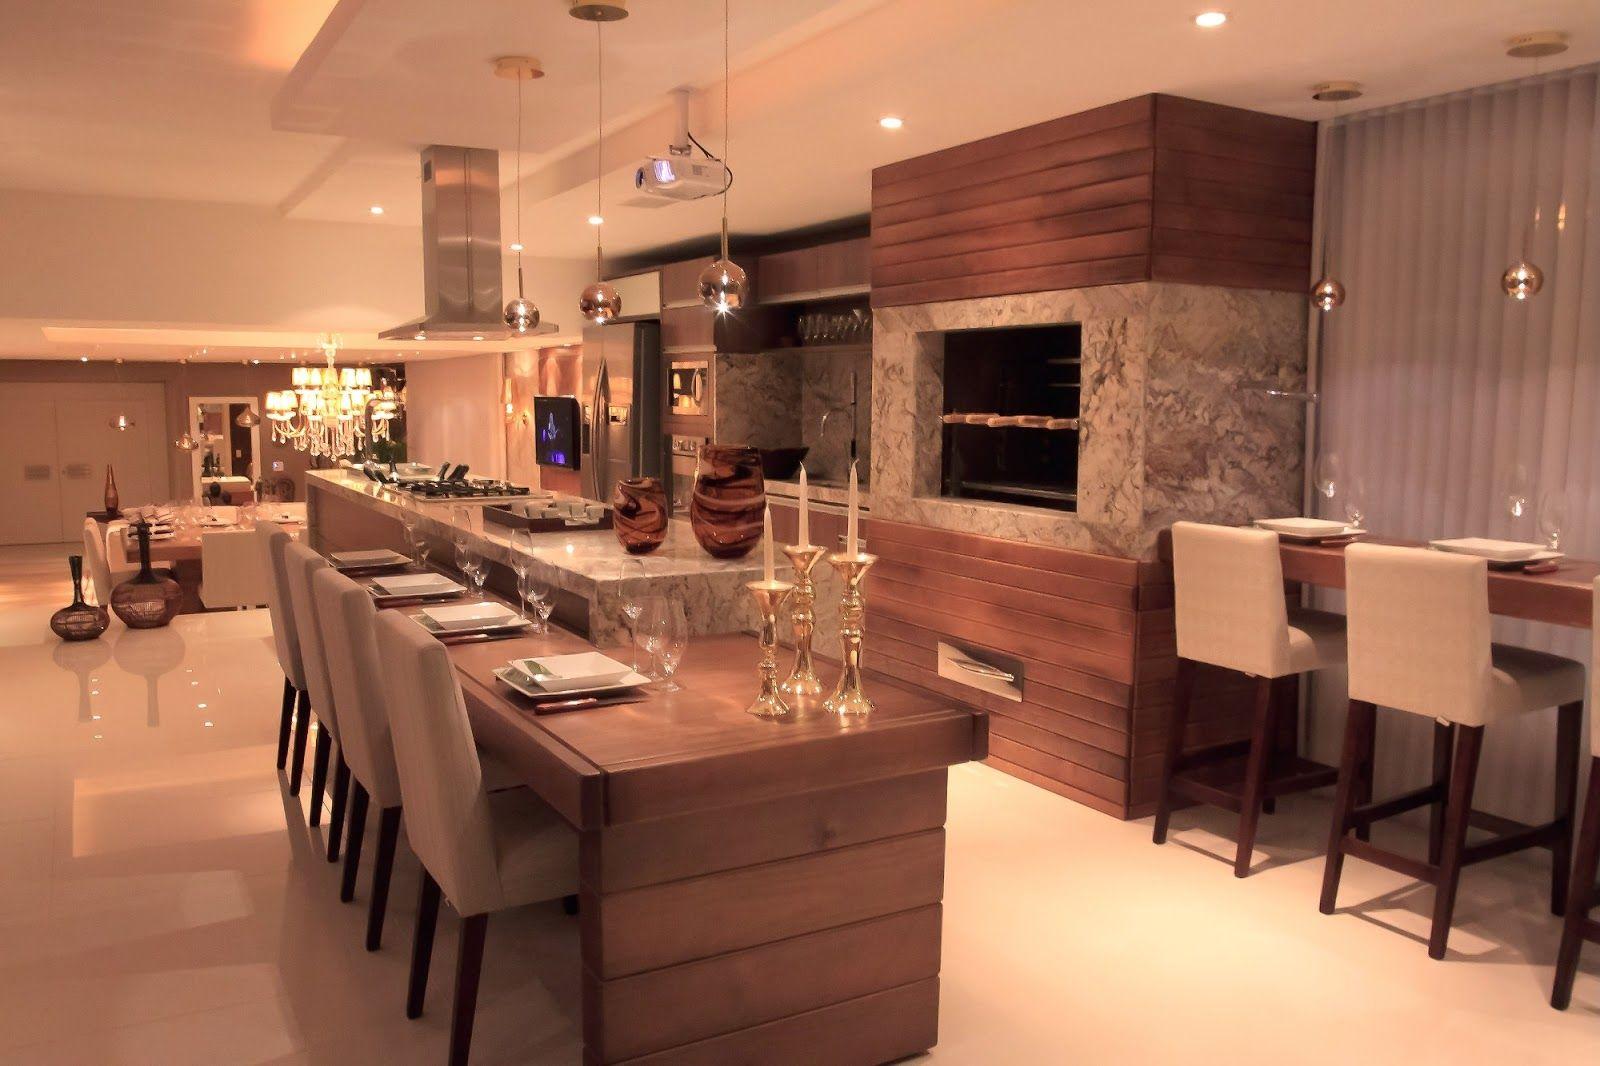 20 Cozinhas Integradas S Salas Veja Dicas E Tend Ncias De  ~ Fogao A Lenha Cozinha Moderna